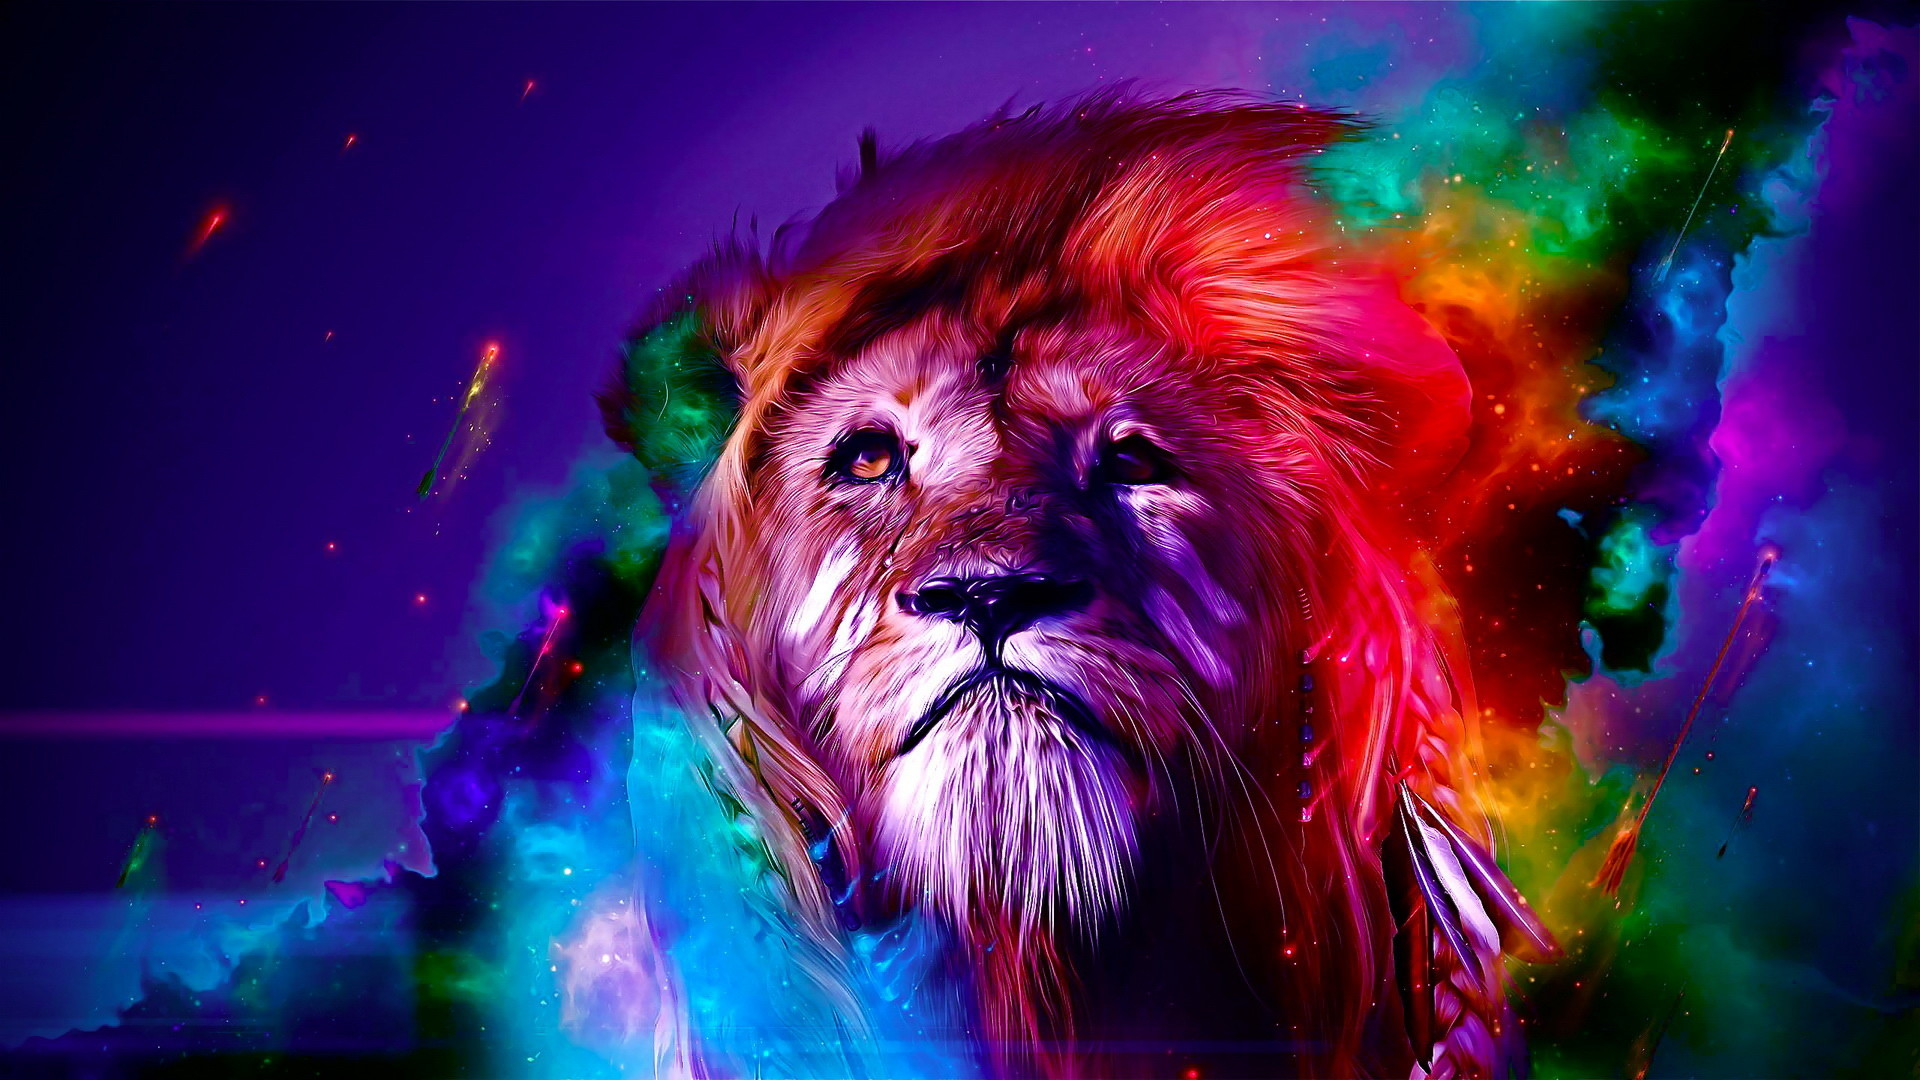 Color Lion Creative Desktop Wallpaper 1920ã—1080   - Colorful Lion Background - HD Wallpaper